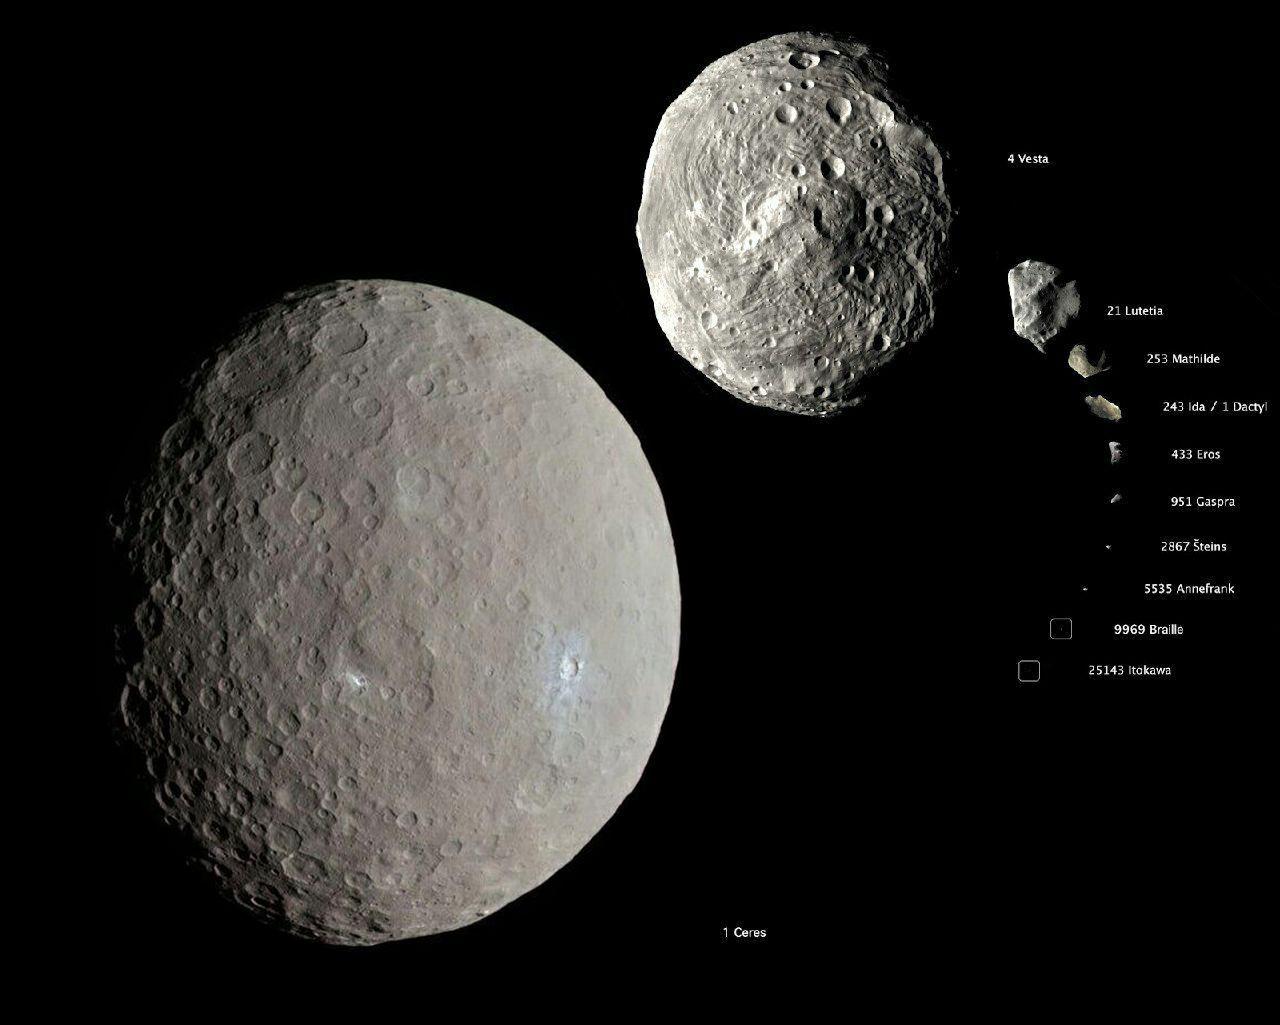 تصویری مقایسه ای از سیاره کوتوله سرس و چند سیارک